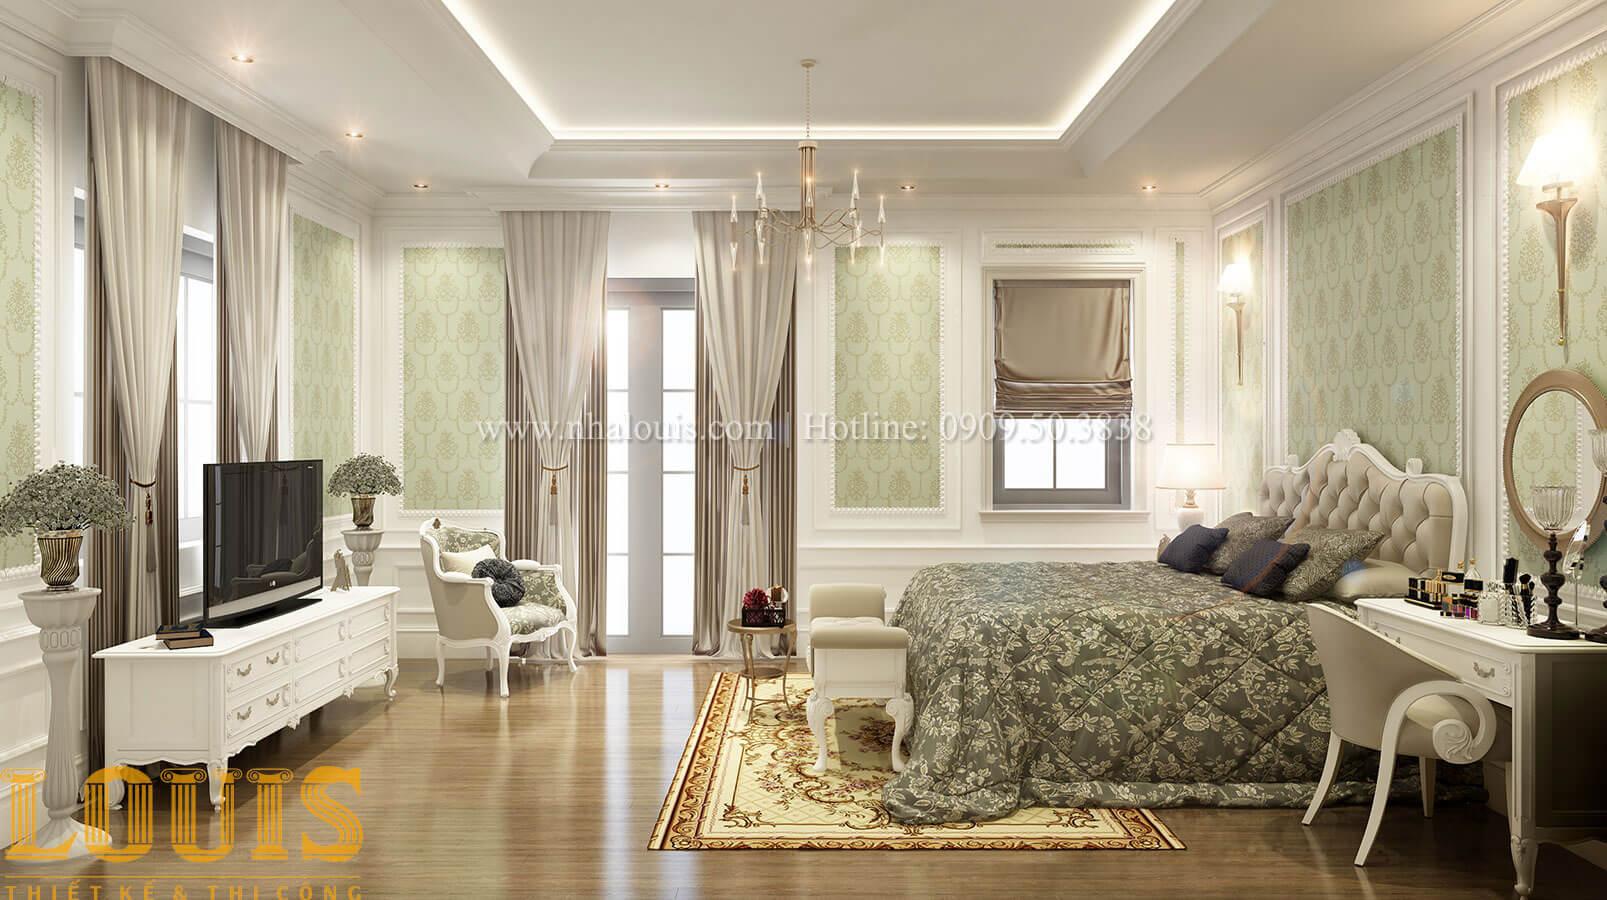 Thiết kế biệt thự 3 tầng đẹp hoành tráng lệ tại Đồng Nai